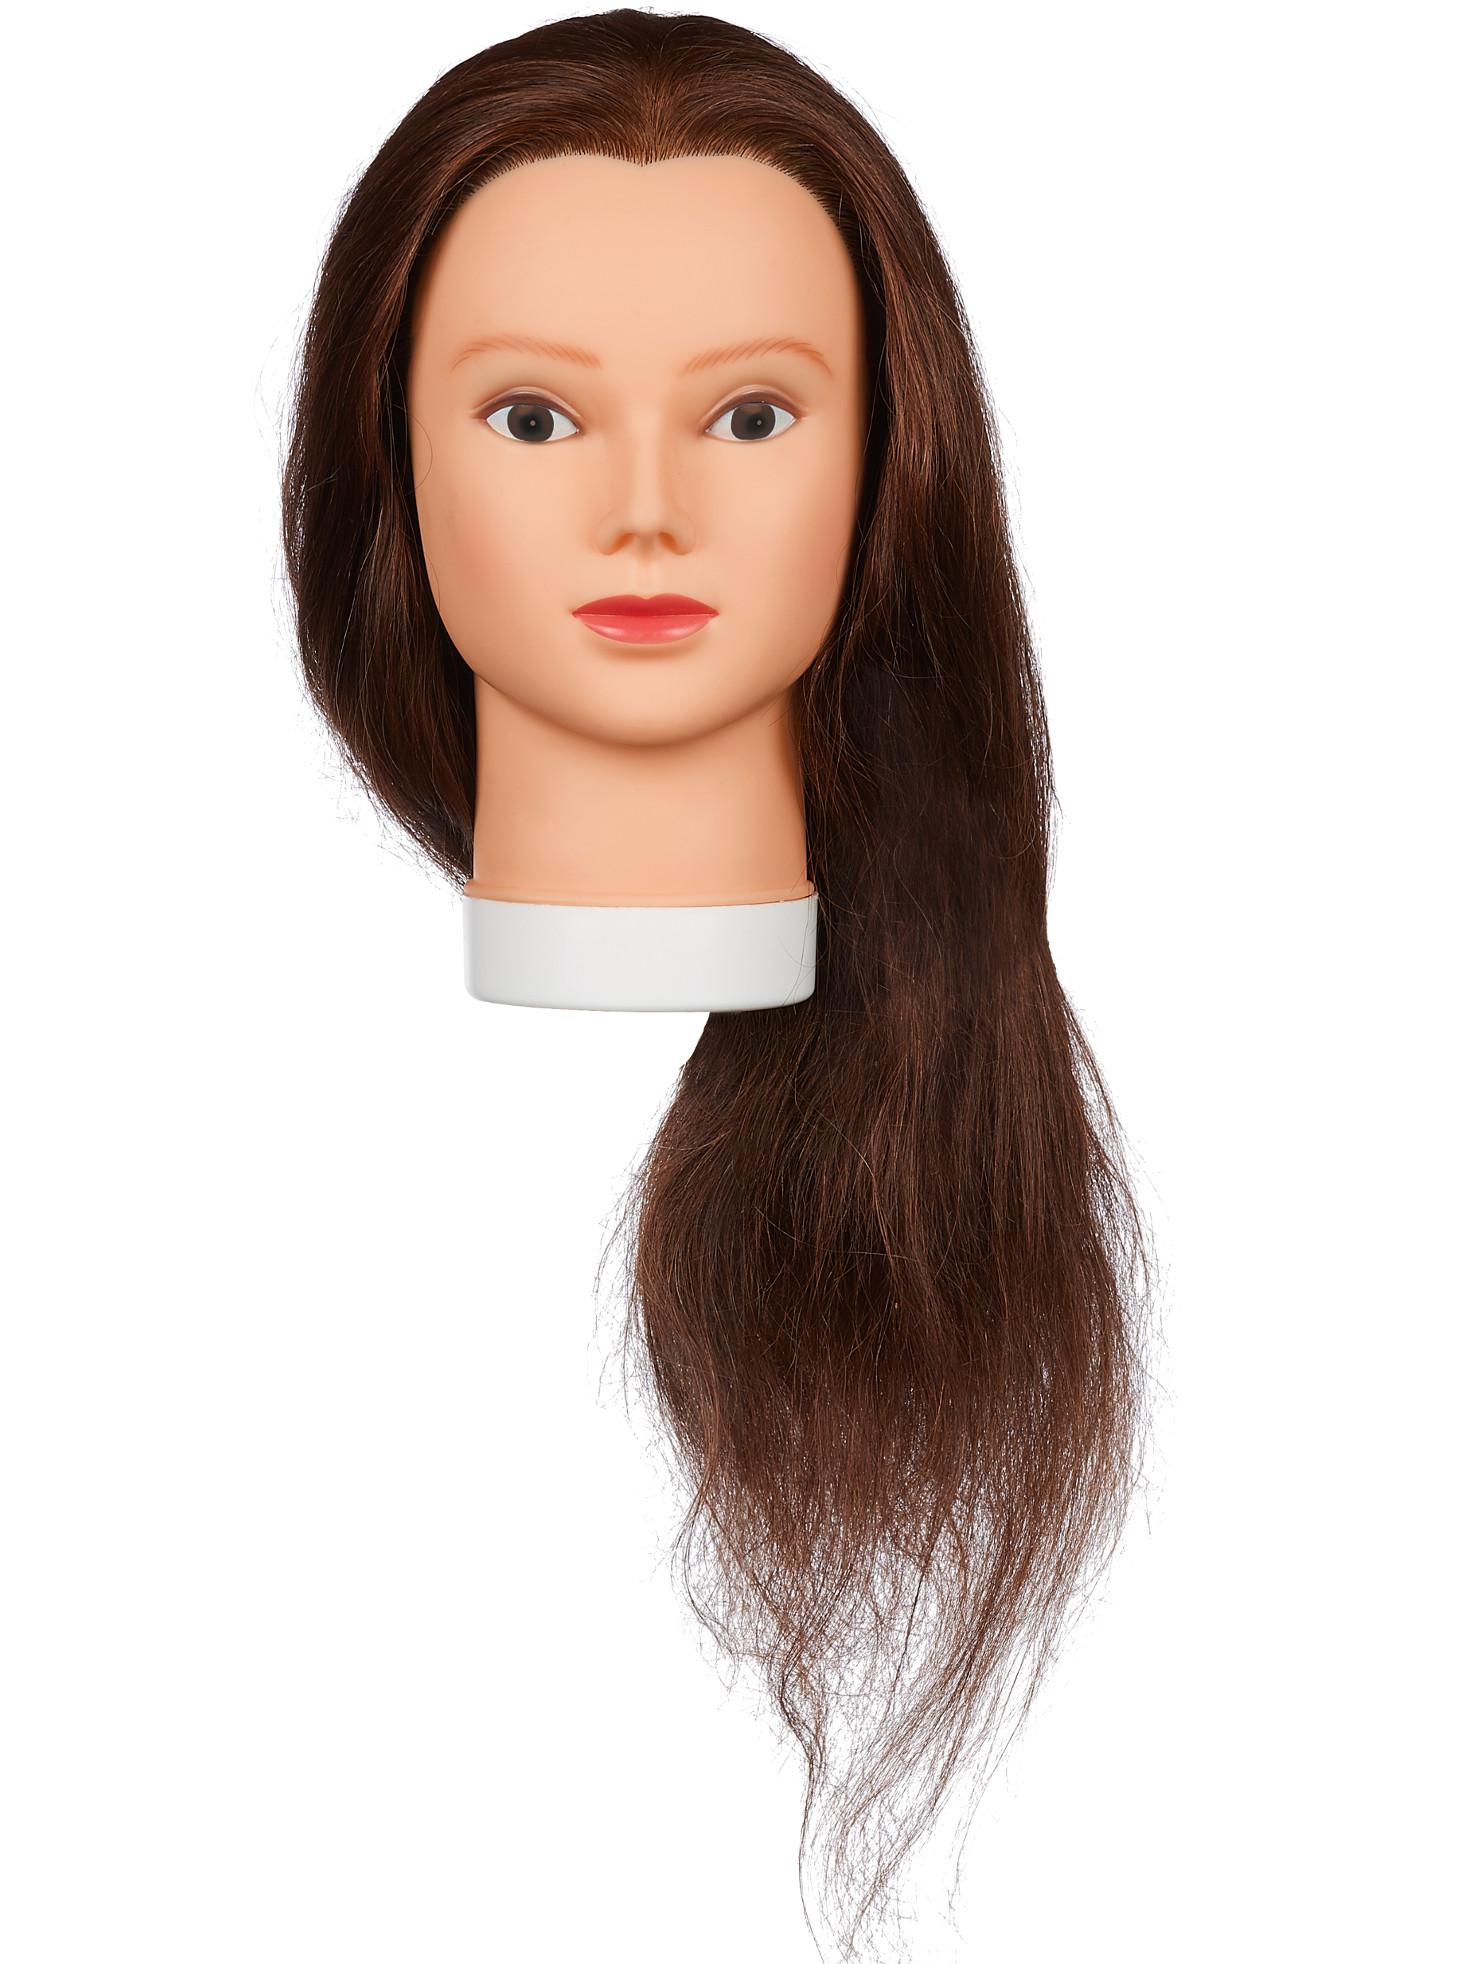 Cvičná hlava dámská s přírodními vlasy LADY 60, Original Best Buy - hnědé 20 - 60 cm (0030261) + DÁREK ZDARMA